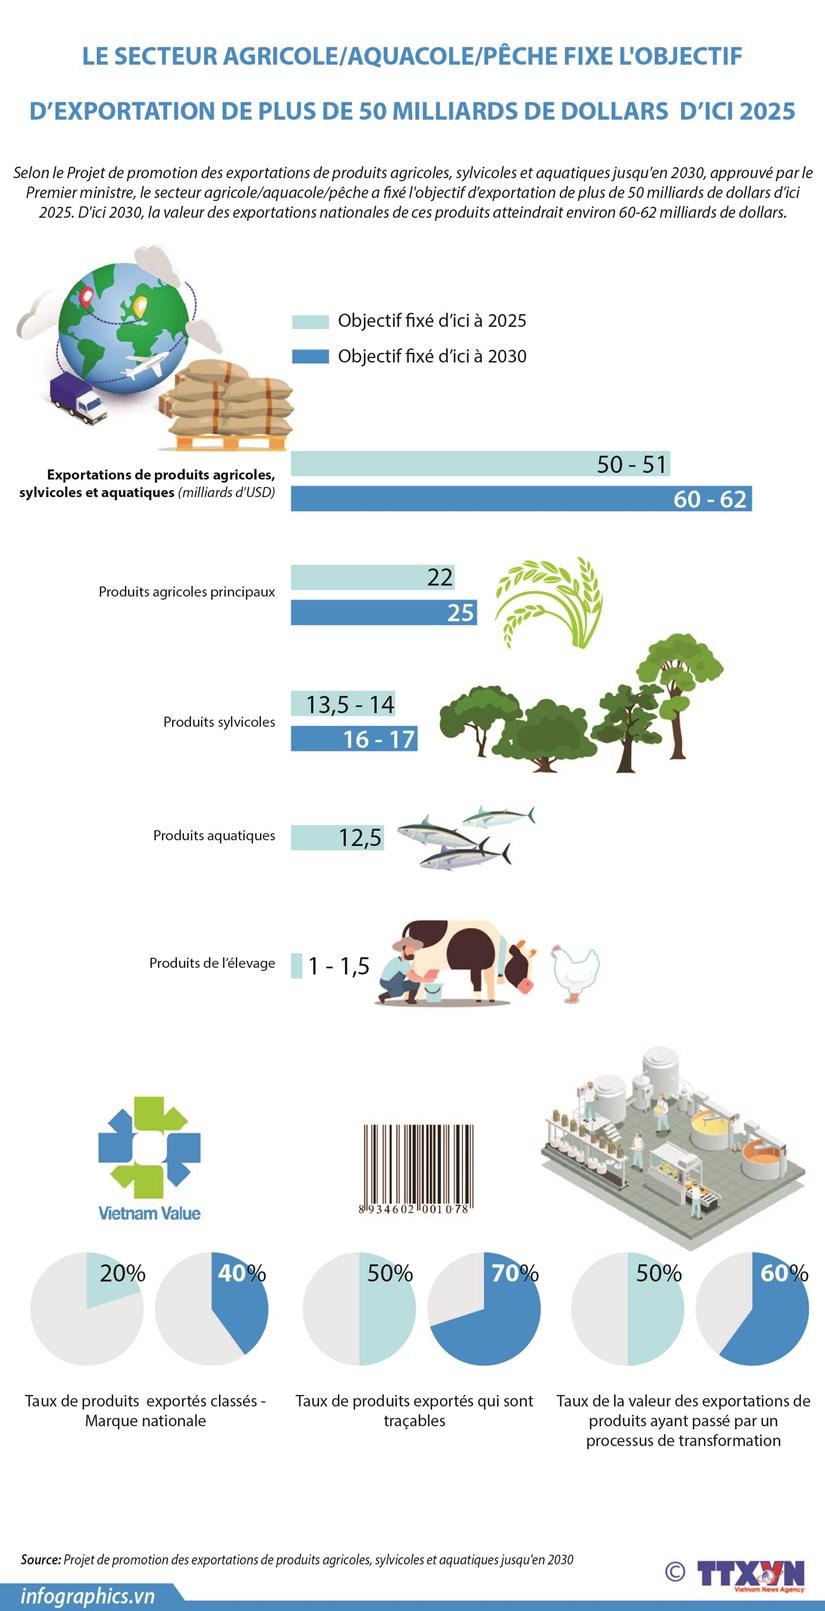 Le secteur d'agriculture fixe l'objectif d'exportation de plus de 50 milliards de dollars hinh anh 1